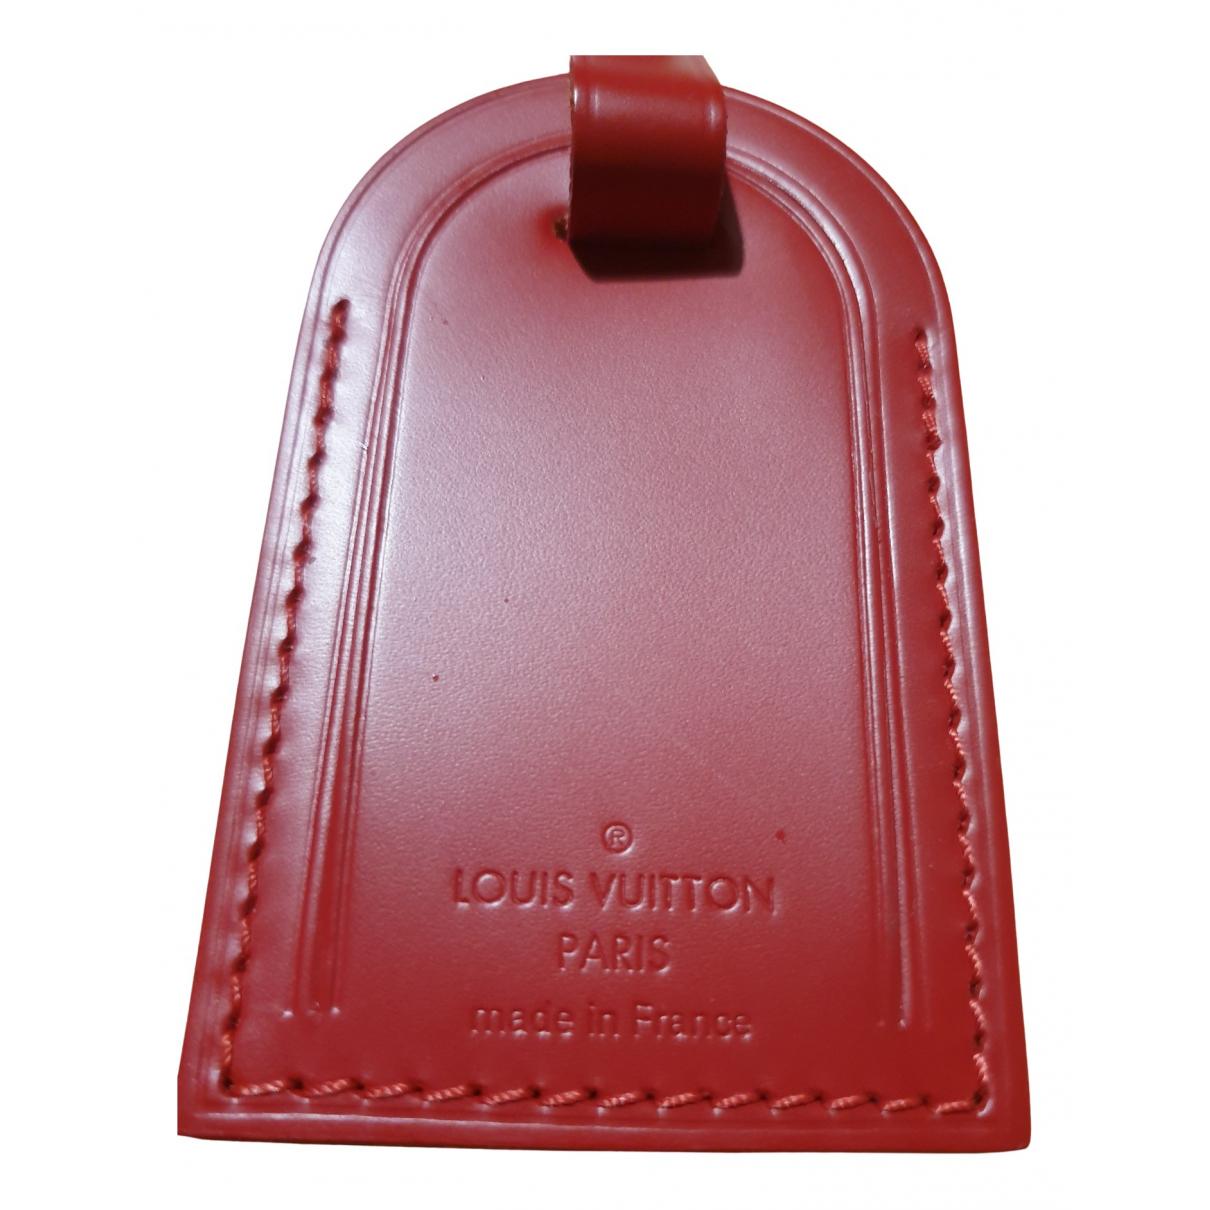 Marroquineria Porte adresse de Cuero Louis Vuitton